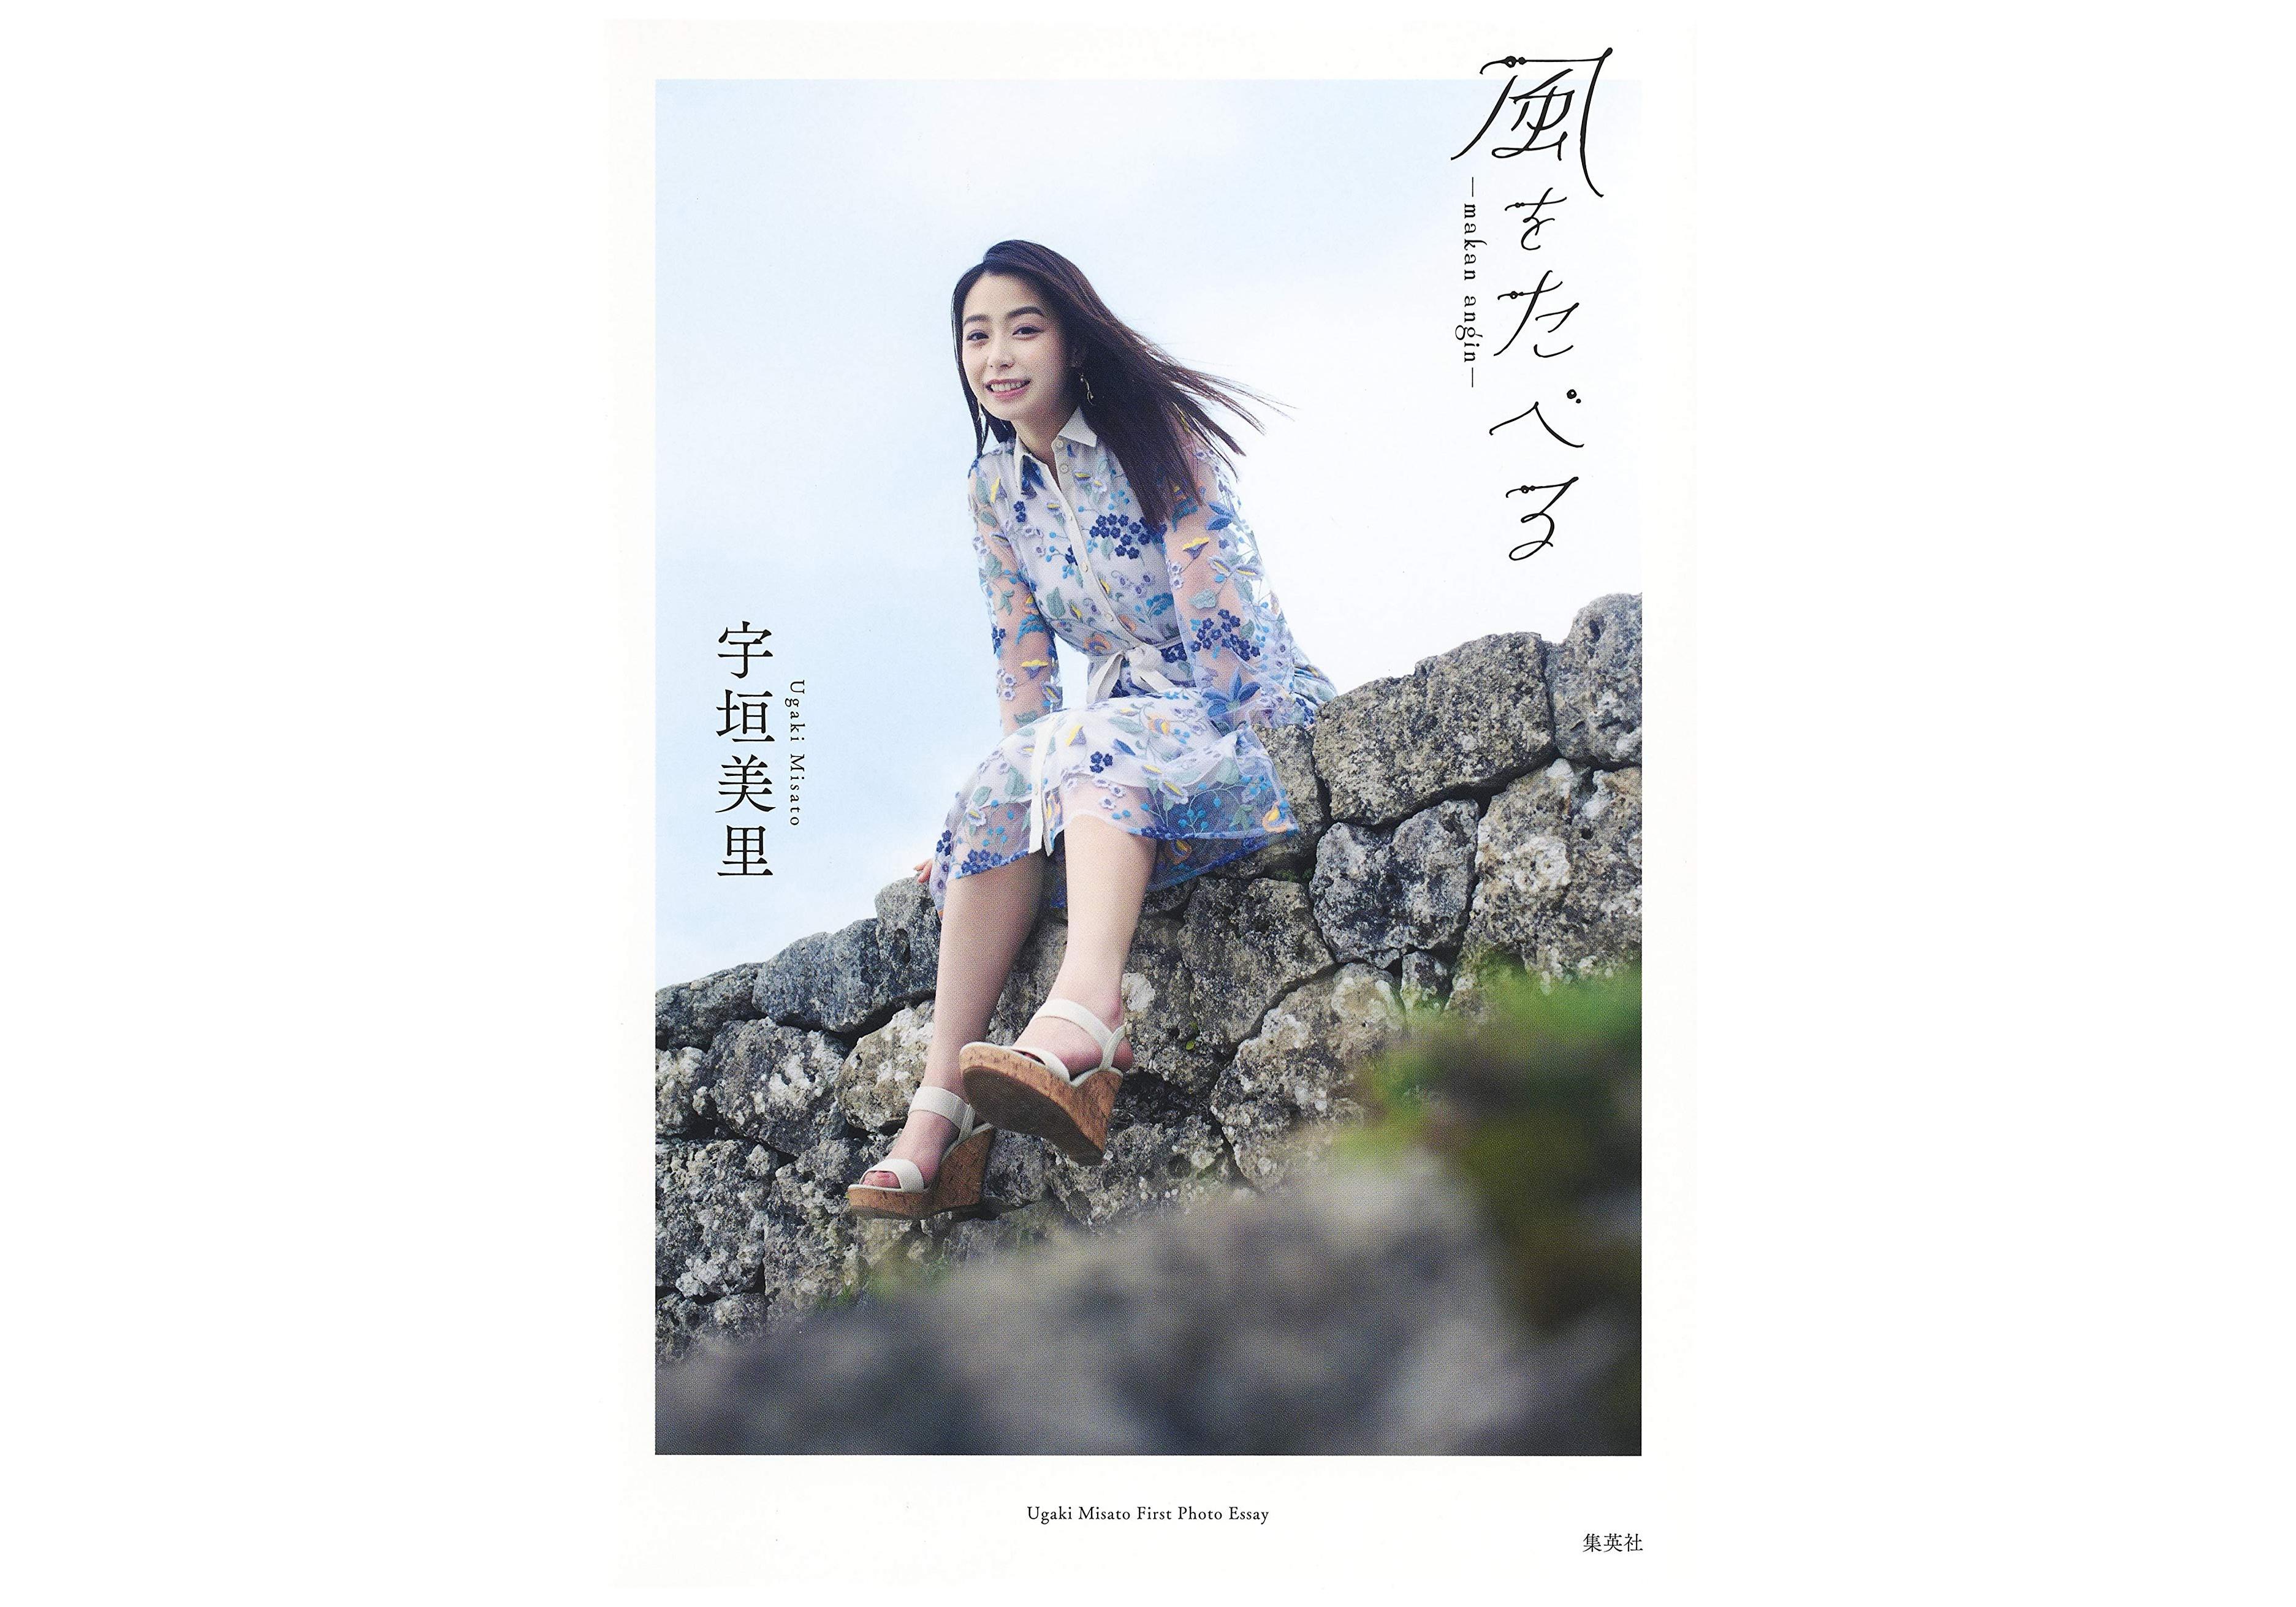 フリーの宇垣美里アナとフジの山崎夕貴アナはどちらが幸せか…局アナでい続けることの意味